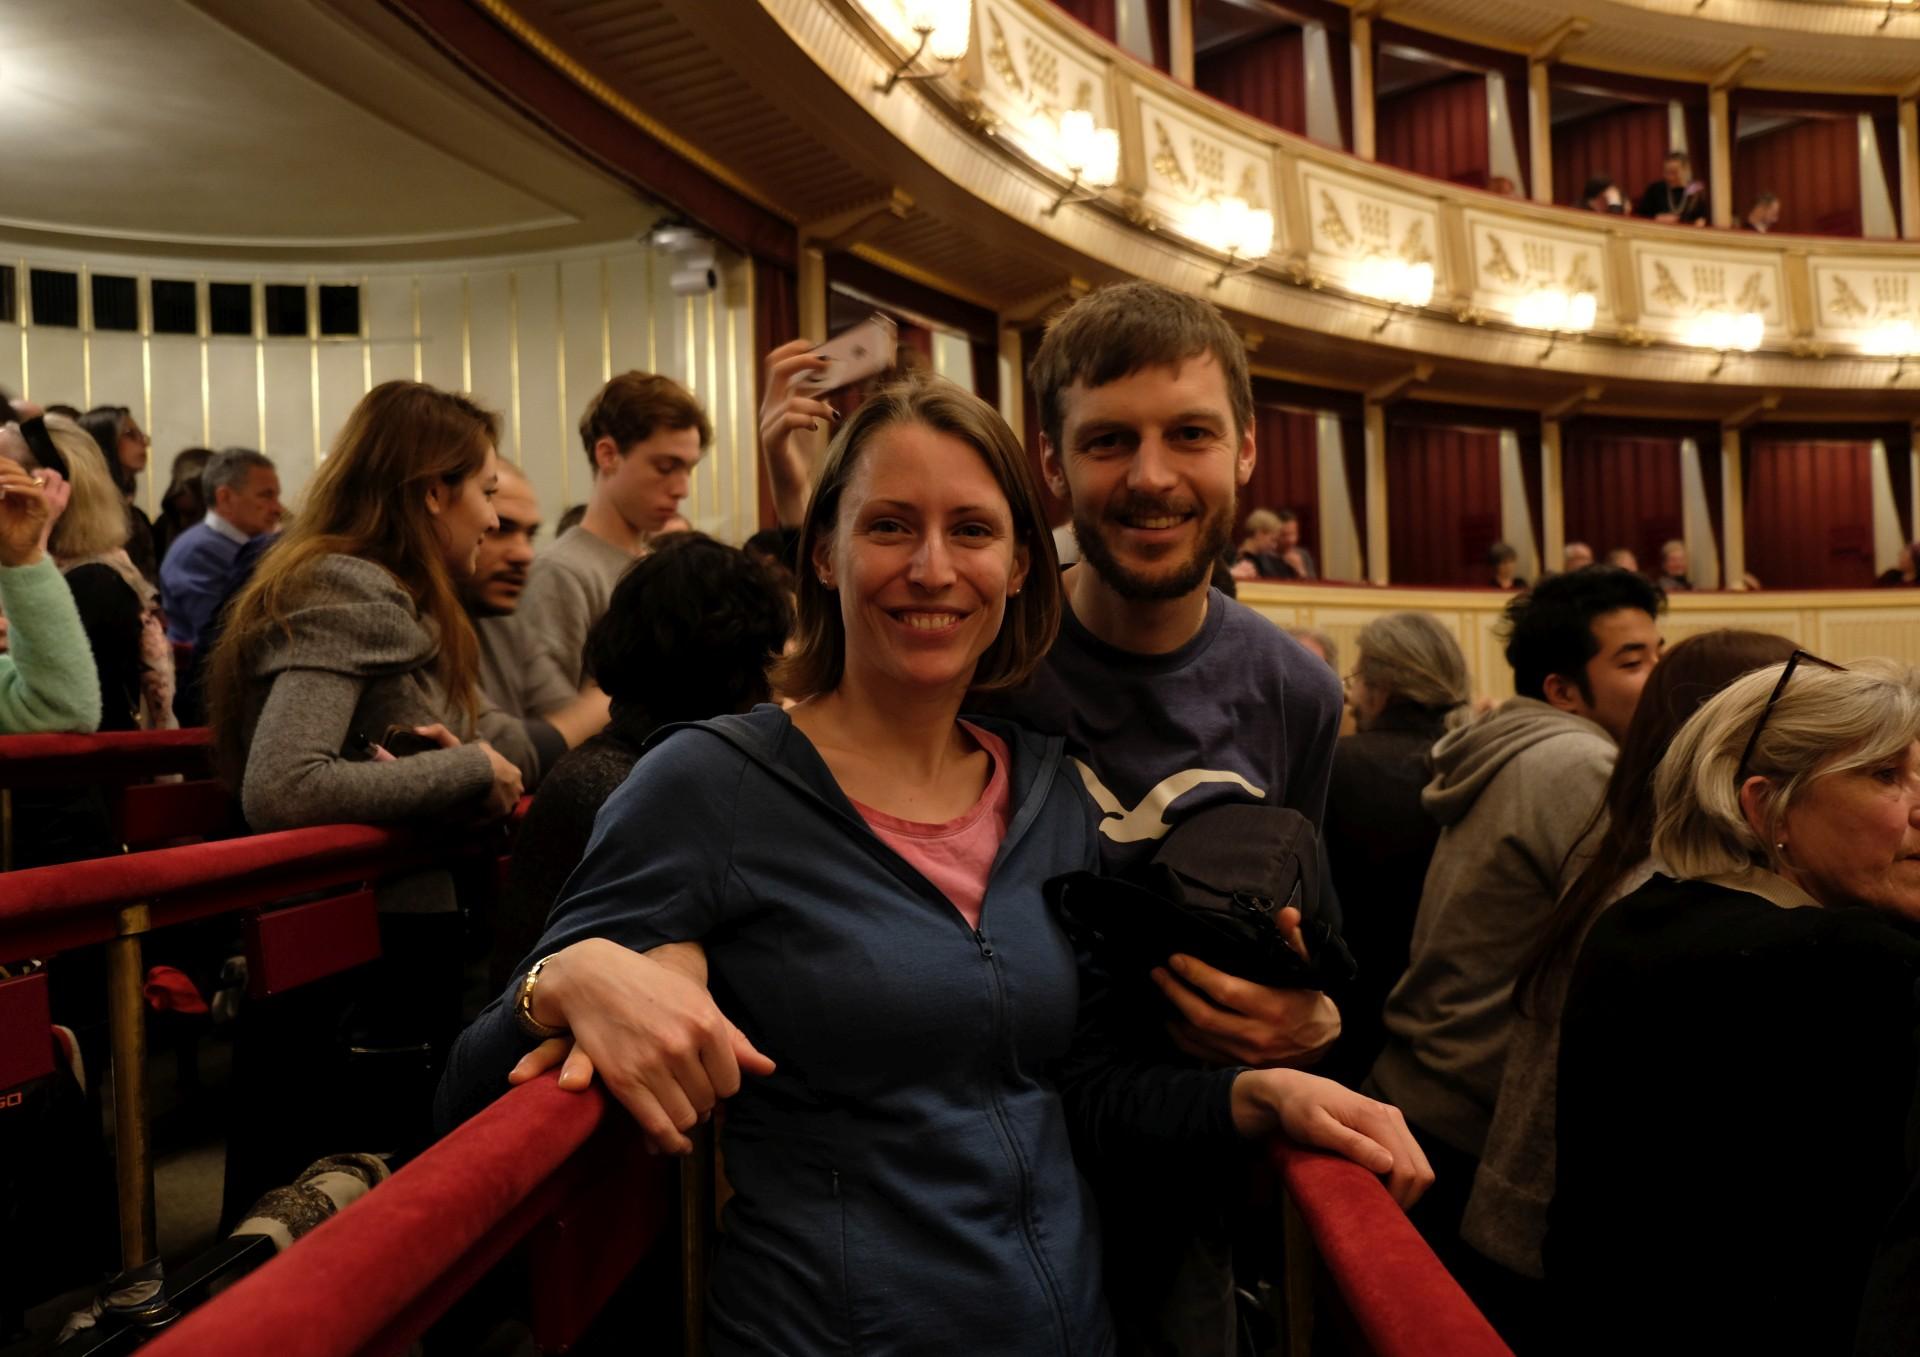 Und abends kamen wir in den Genuss, uns im Stehkartenbereich ein Ballett in der Wiener Staatsoper anzuschauen!